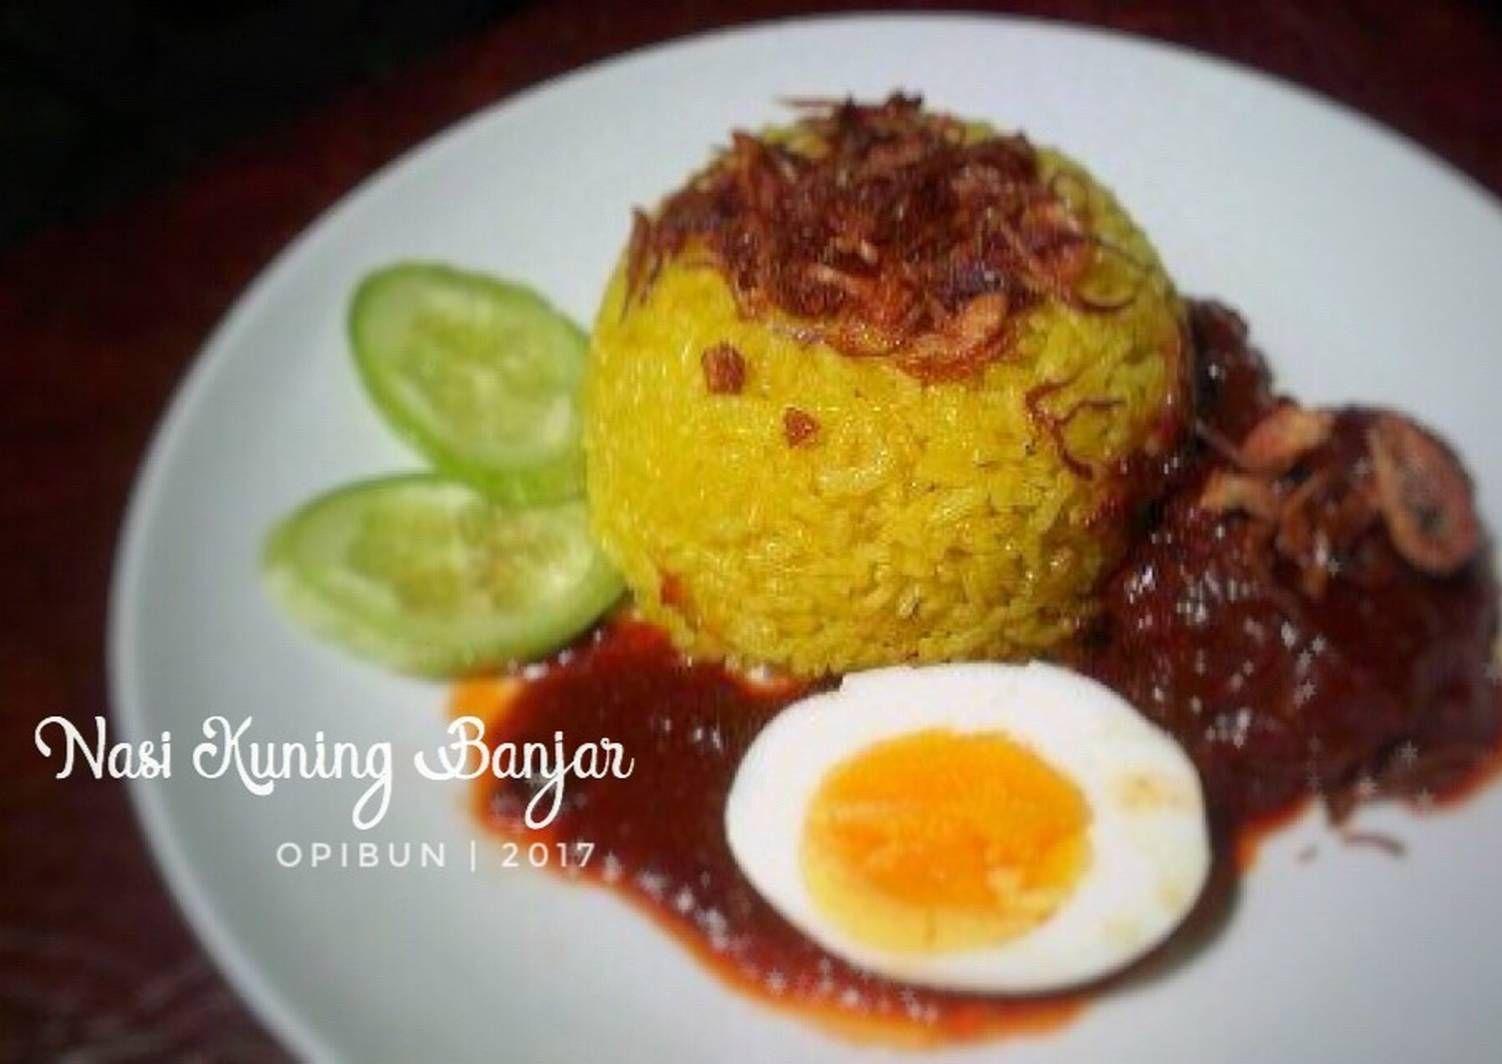 Resep Nasi Kuning Banjar Menu Sarapan 1 Oleh Opibun Resep Resep Masakan Indonesia Sarapan Resep Masakan